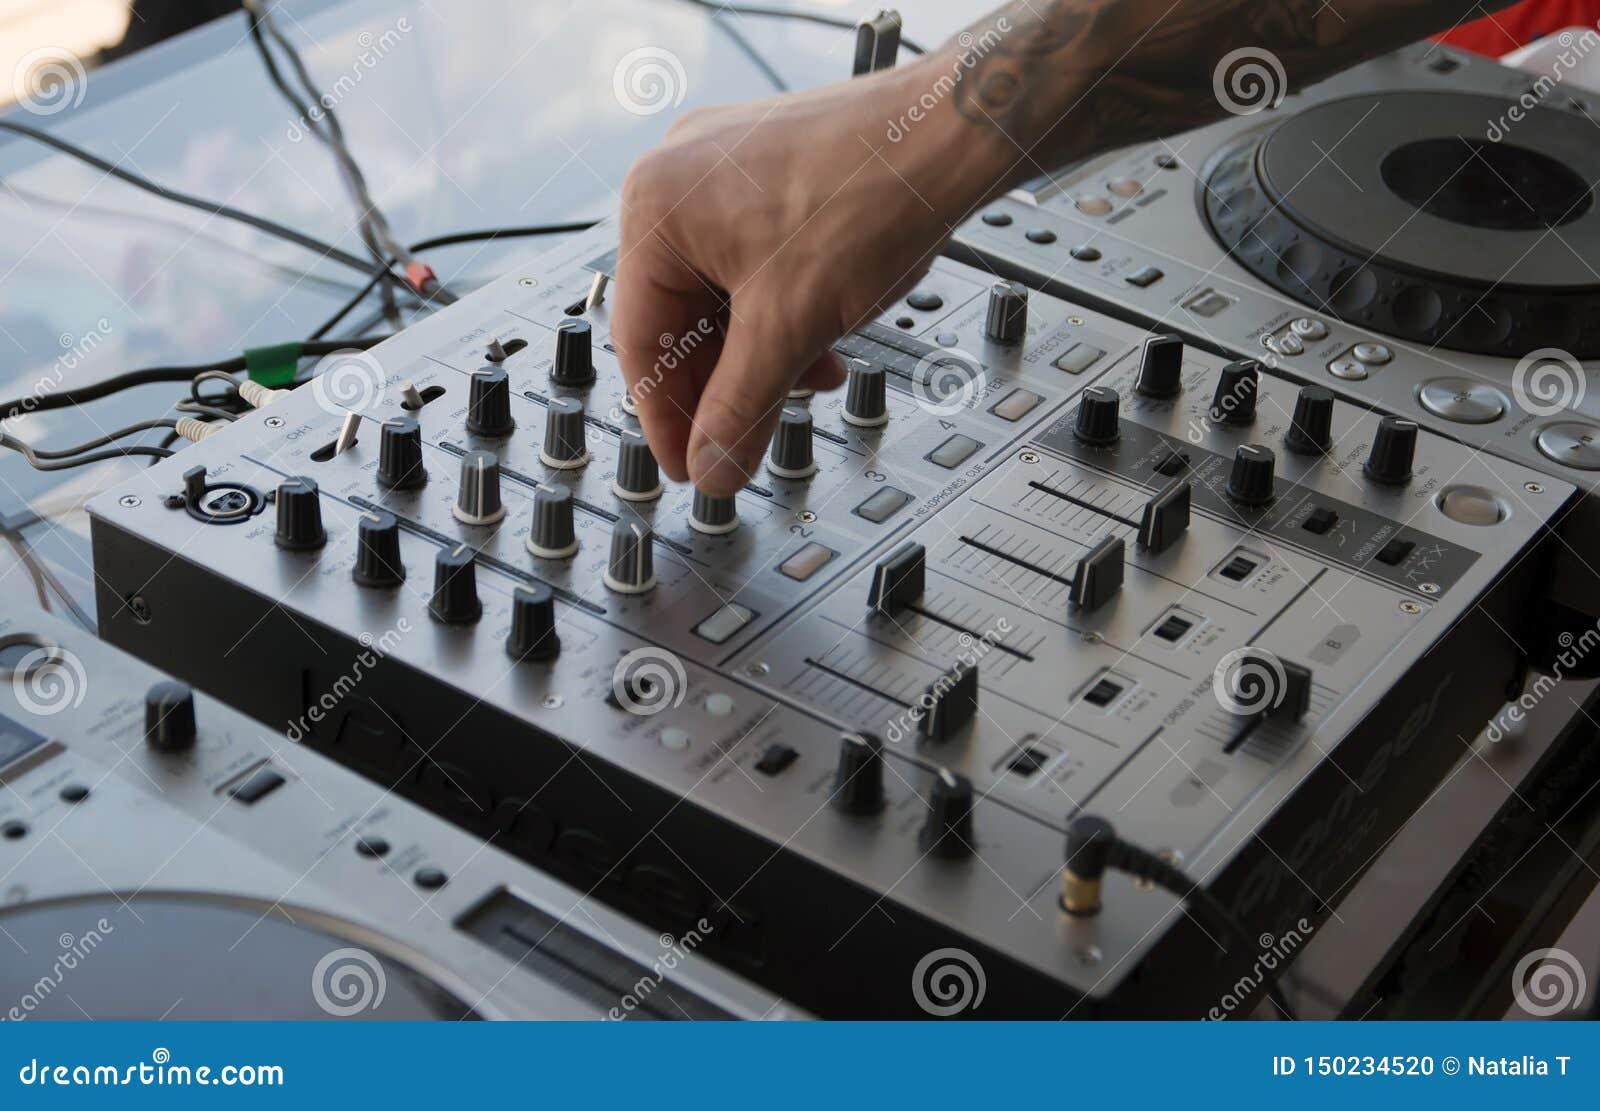 Hand DJ auf der Musik, Bedienfeld